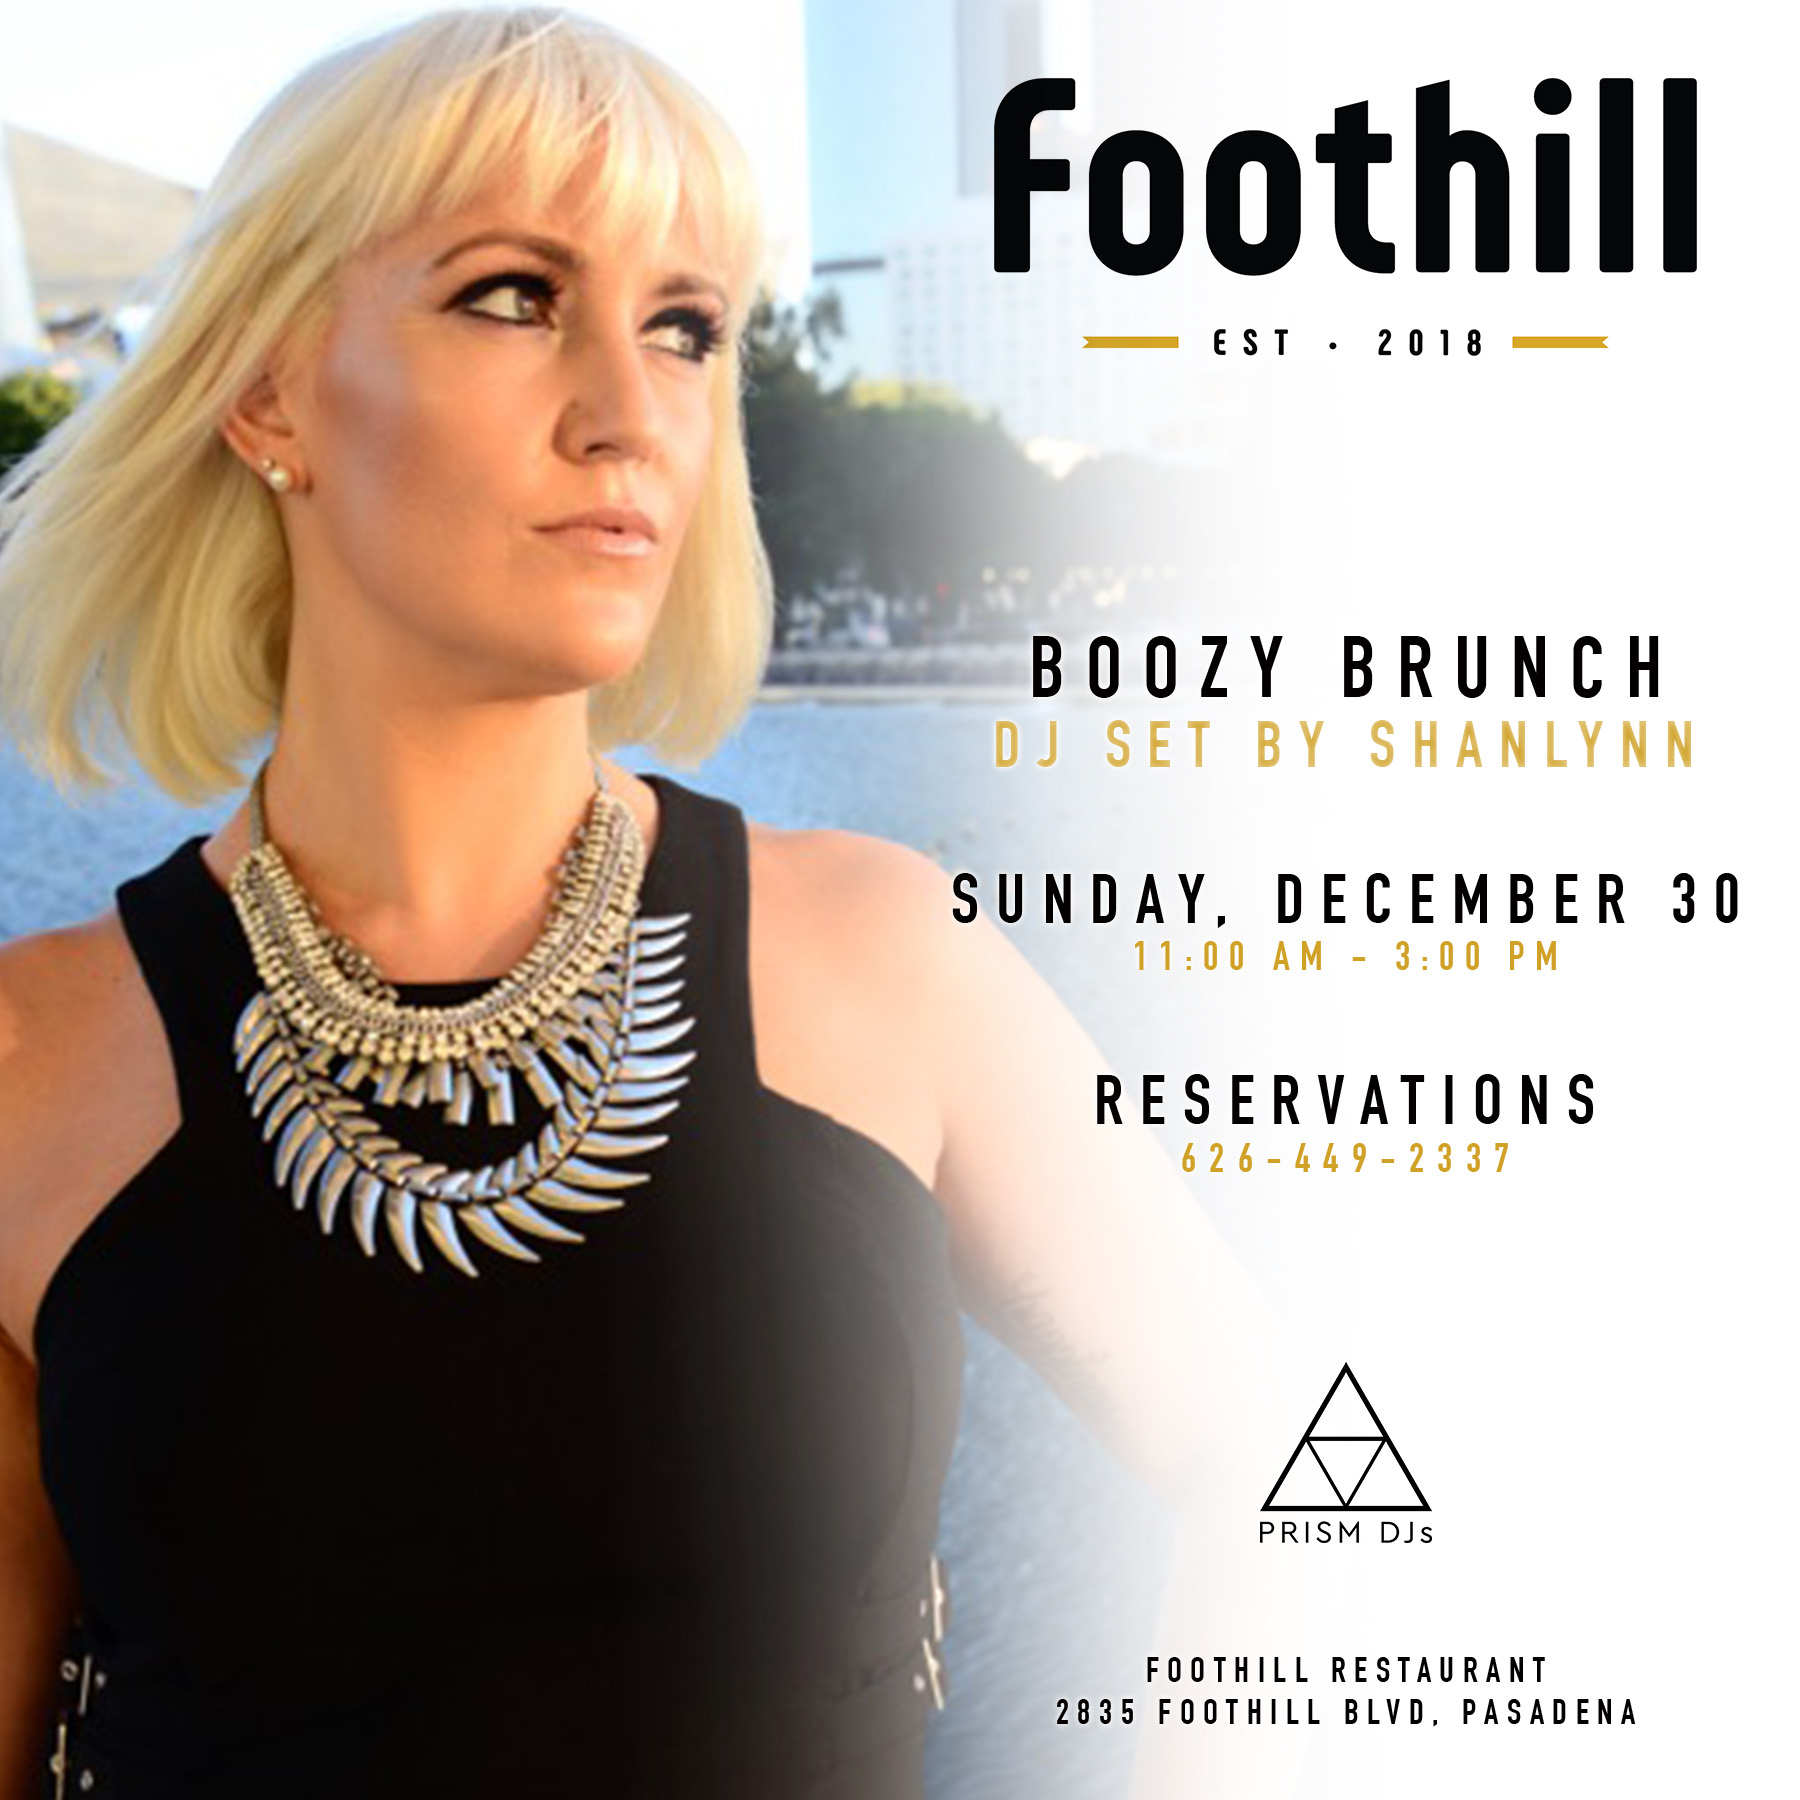 Foothill Brunch DJ ShanLynn 12-30-18 Prism DJs.jpg